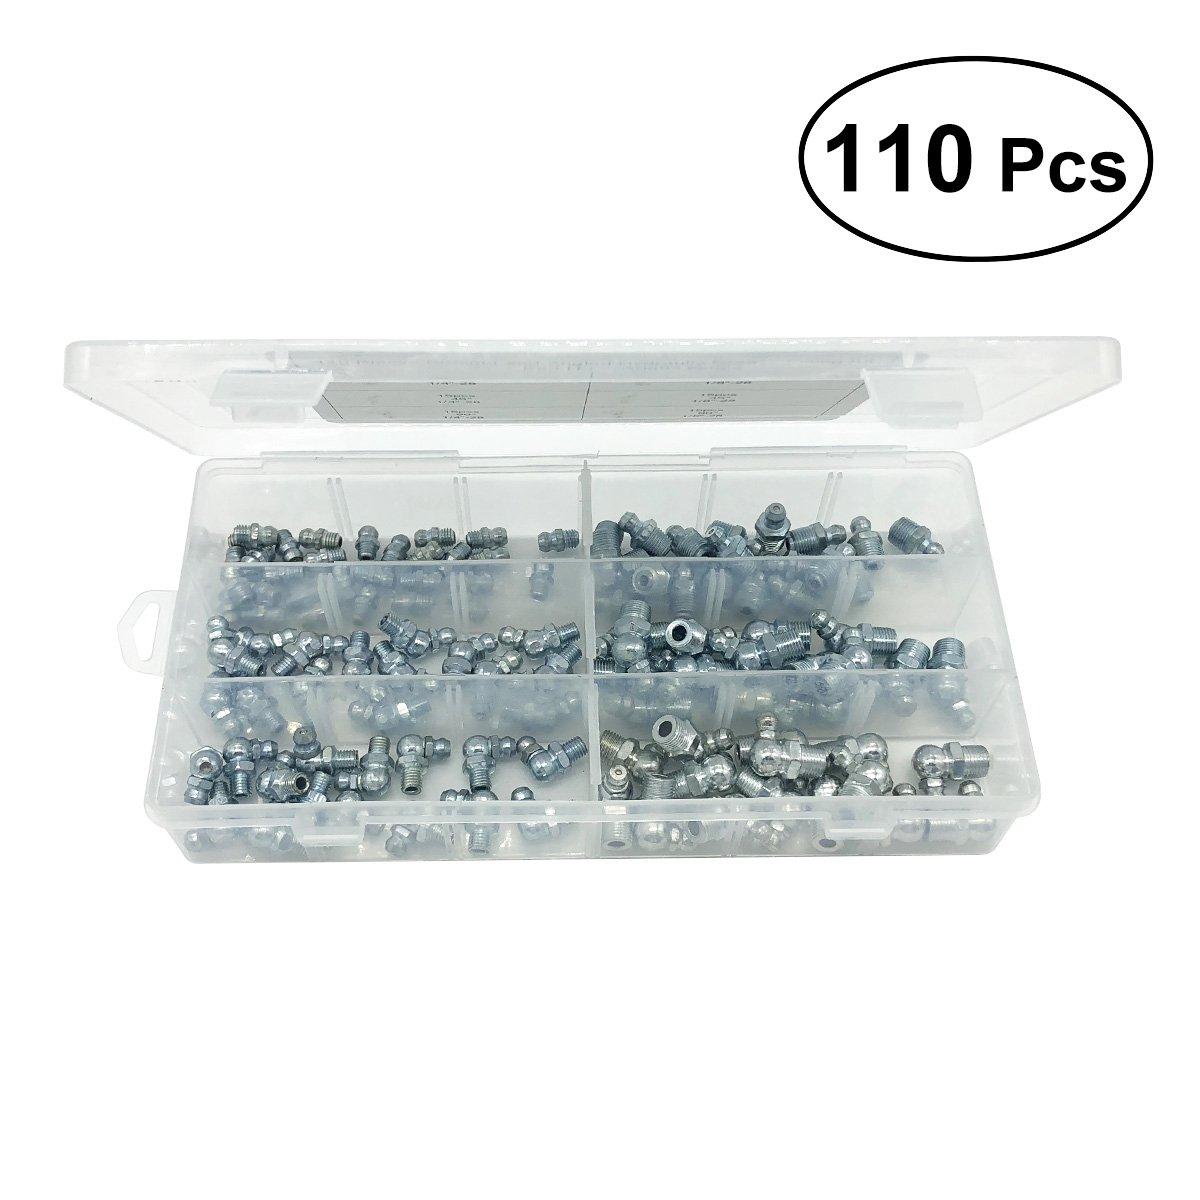 UKCOCO Kit di ingrassaggio idraulico Kit di sostituzione grasso per nipple Assortimento Set 110 in 1 (Argento)